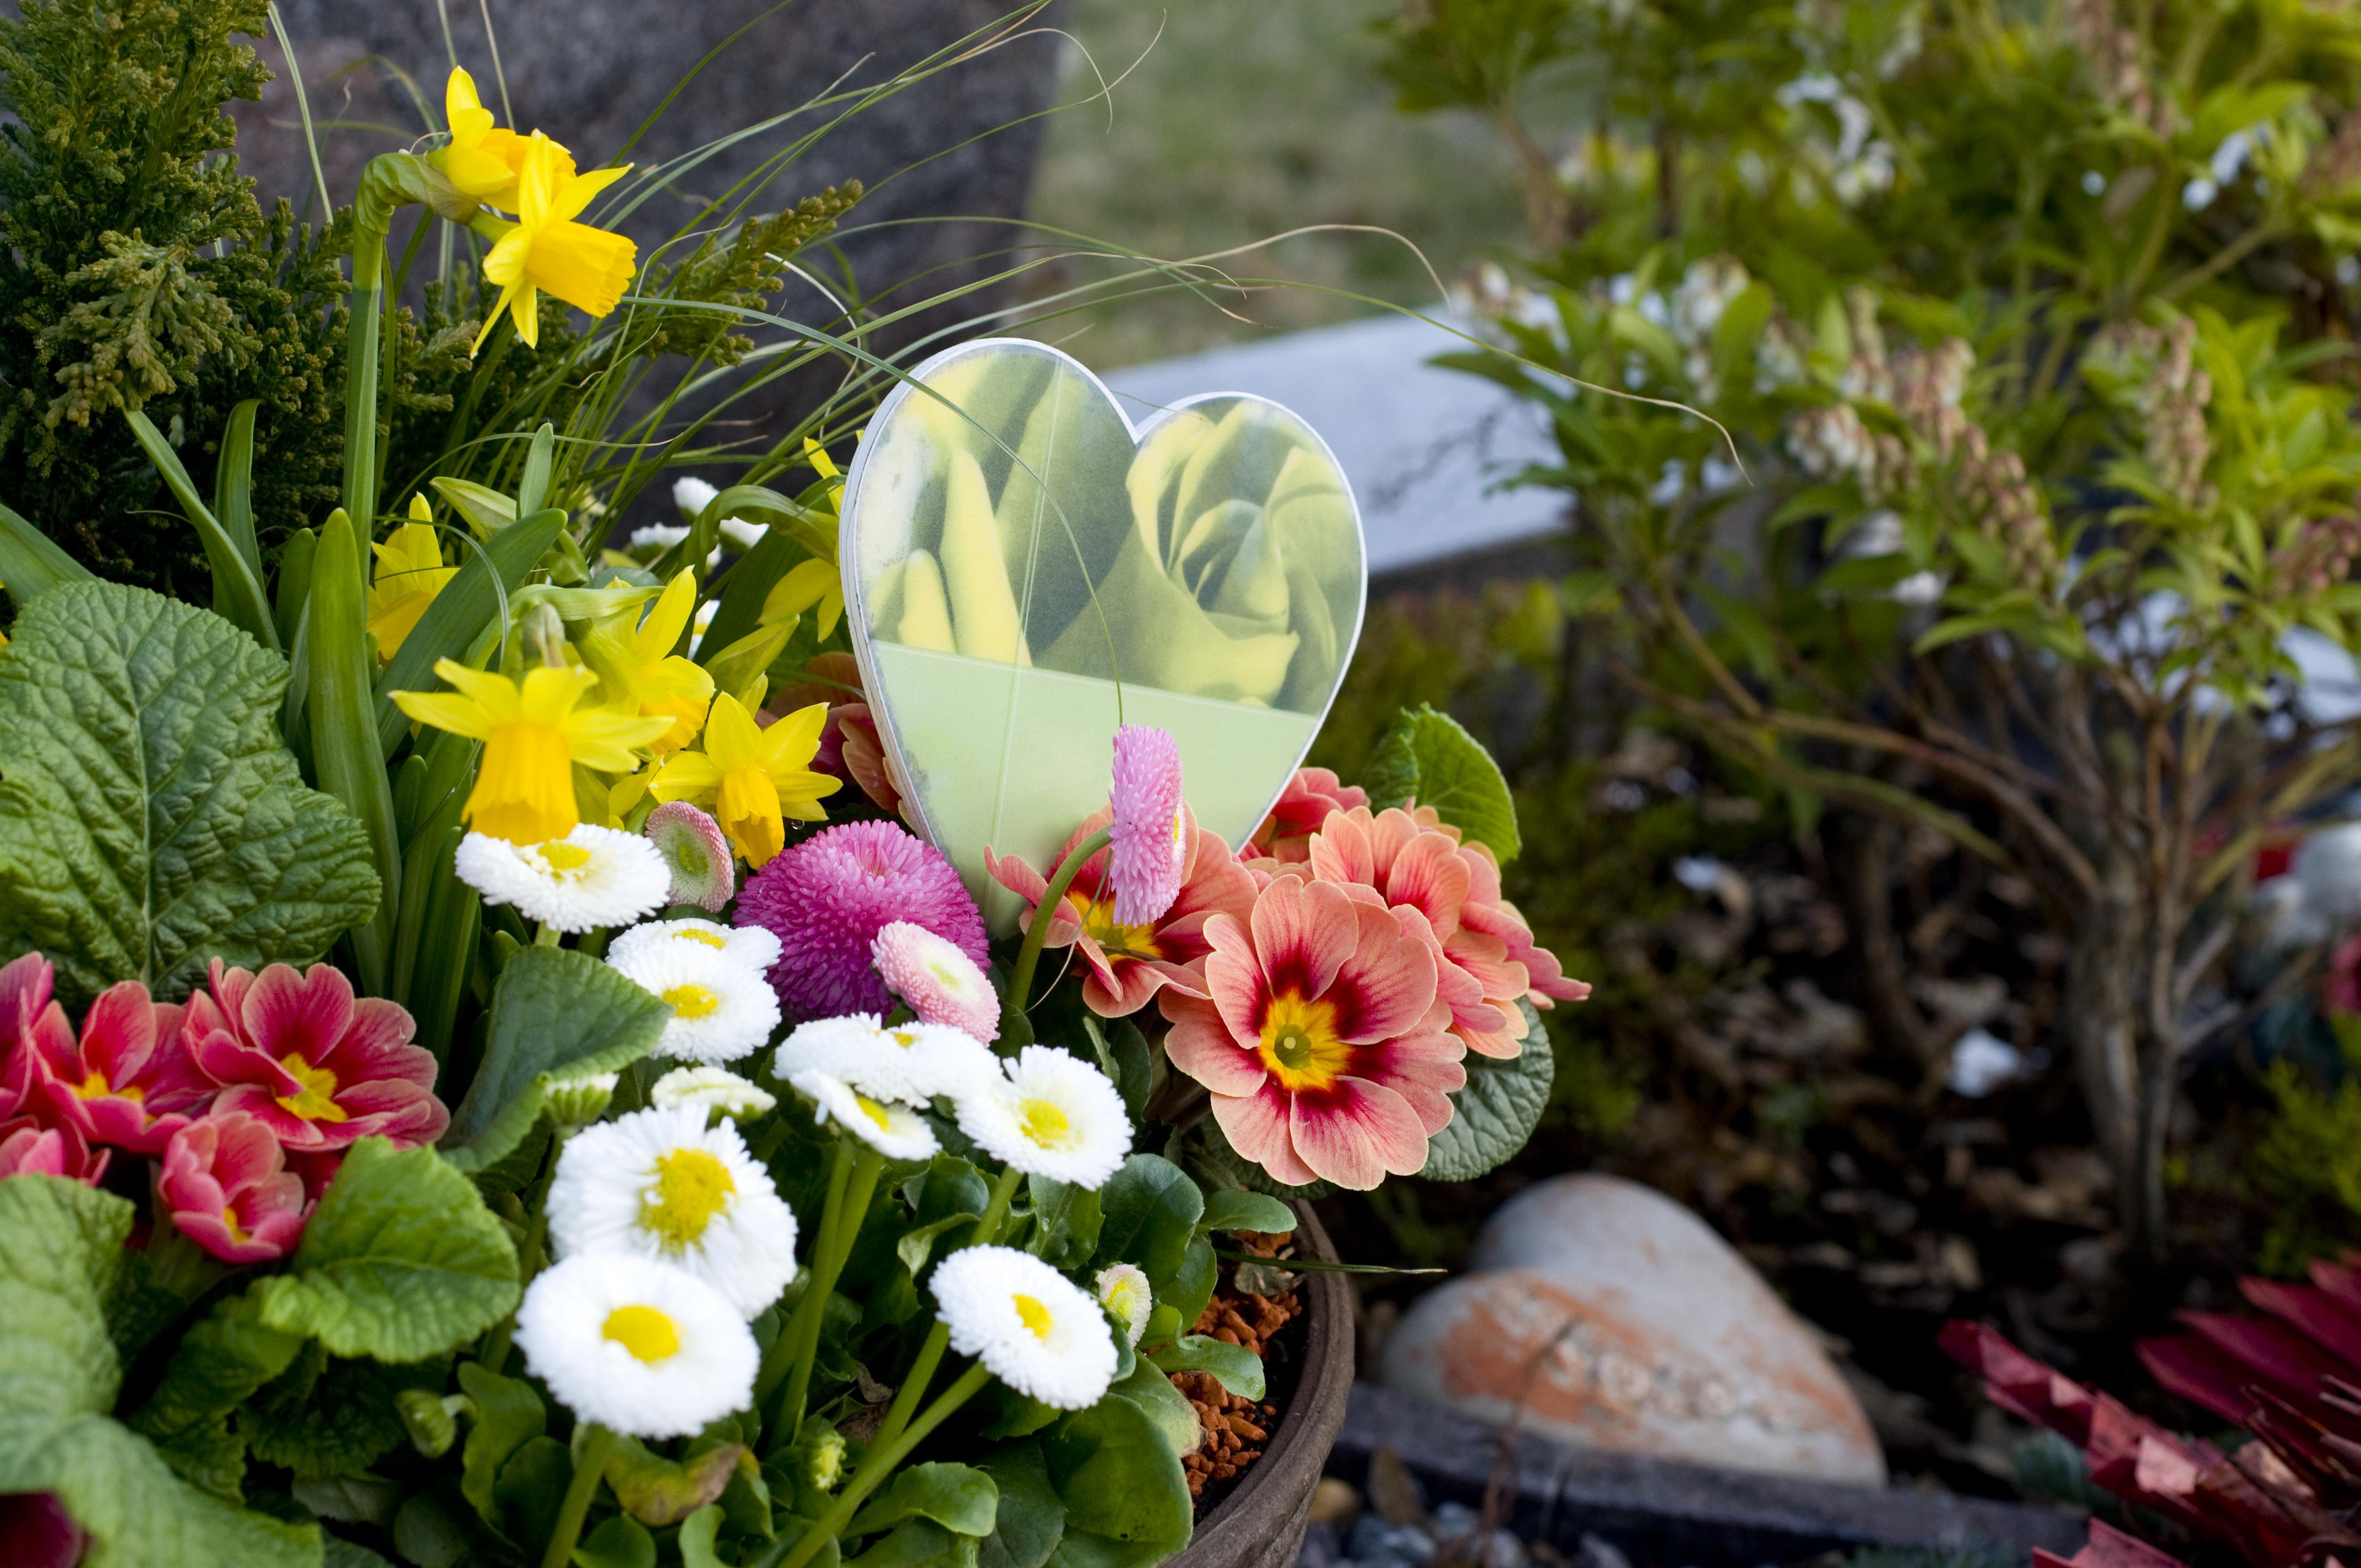 Fleurs toussaint livraison fleurs sur tombe interflora for Fleuriste qui livre a domicile